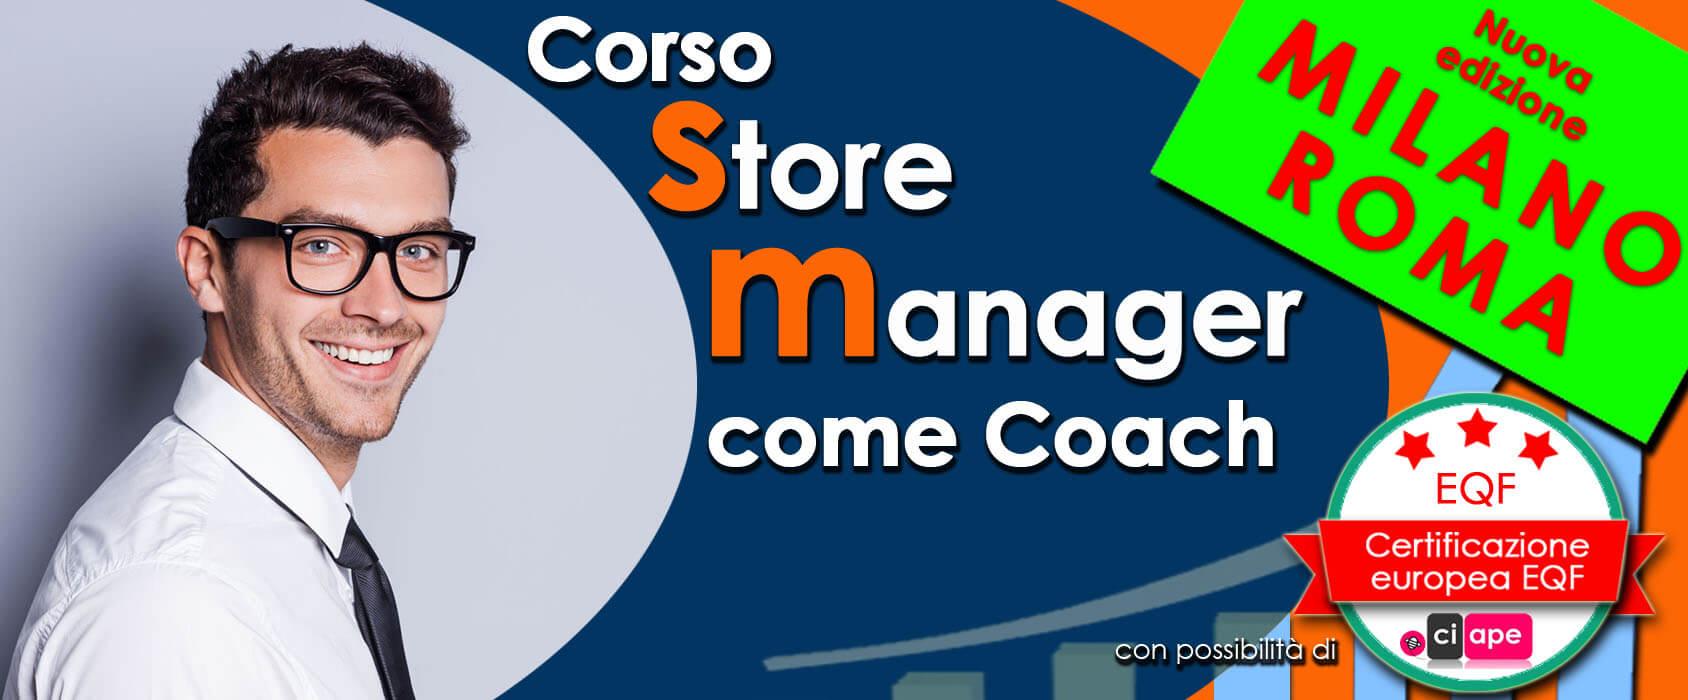 corso-store-manager come coach-milano-e-roma con certificazione ecf